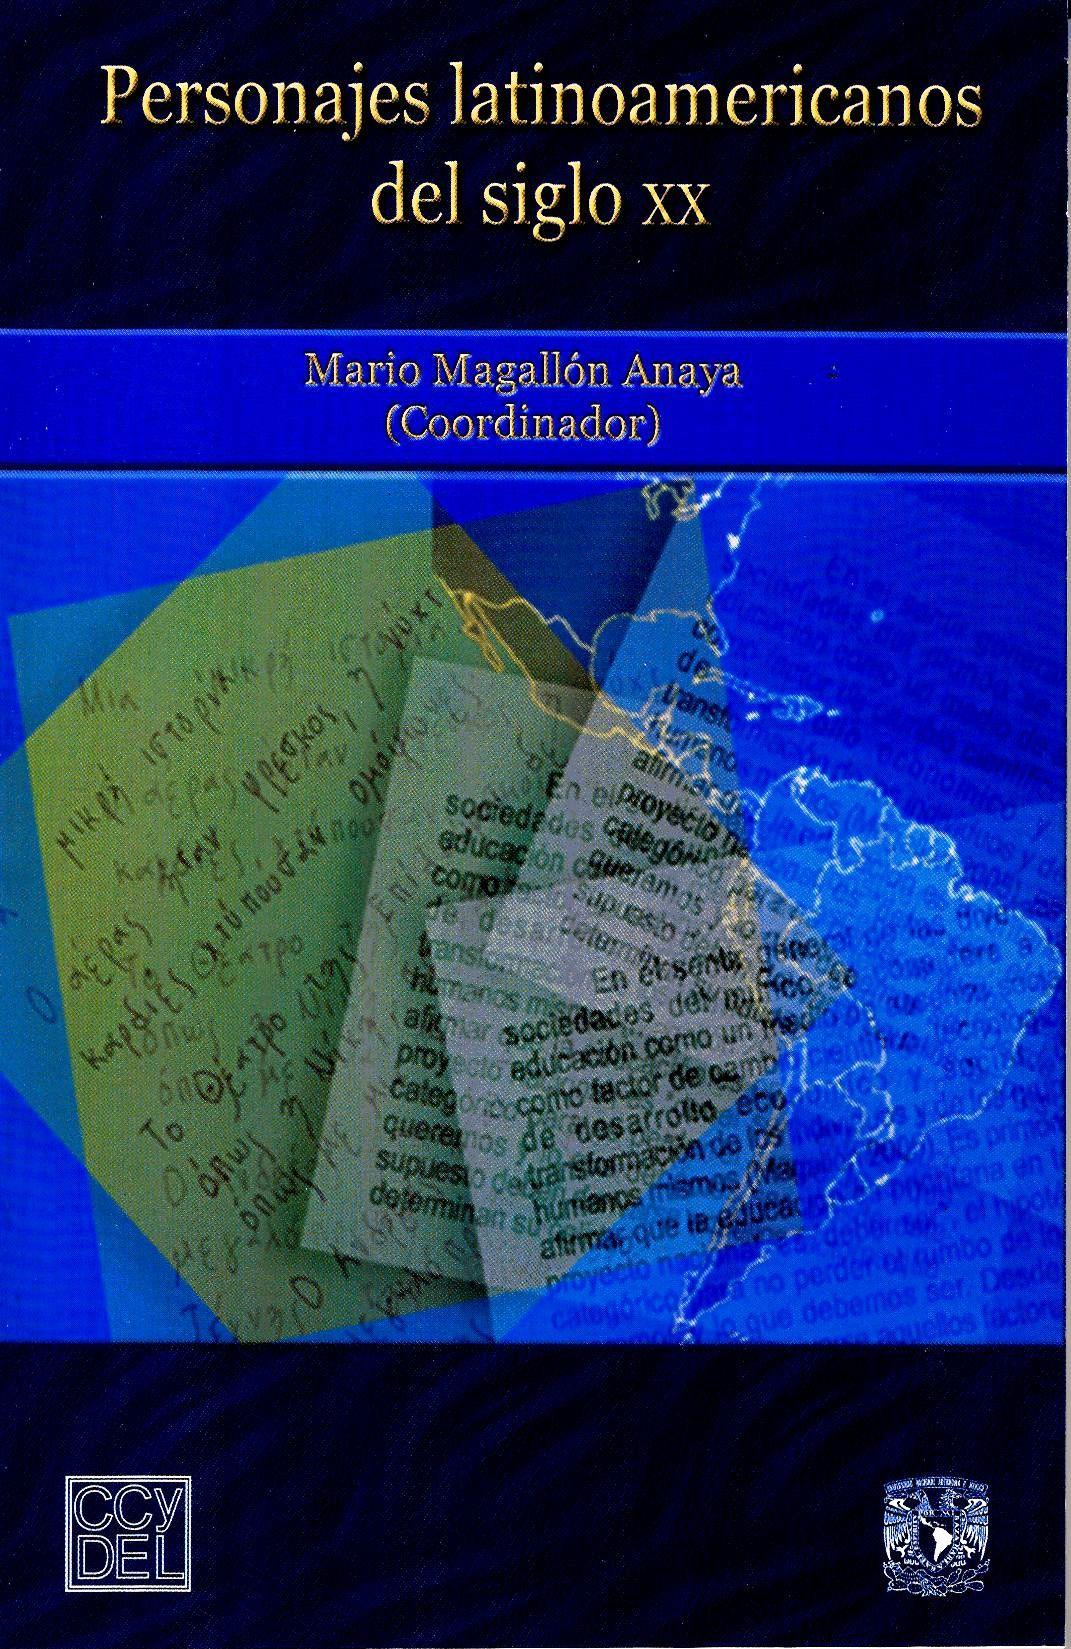 Personajes latinoamericanos del siglo XX